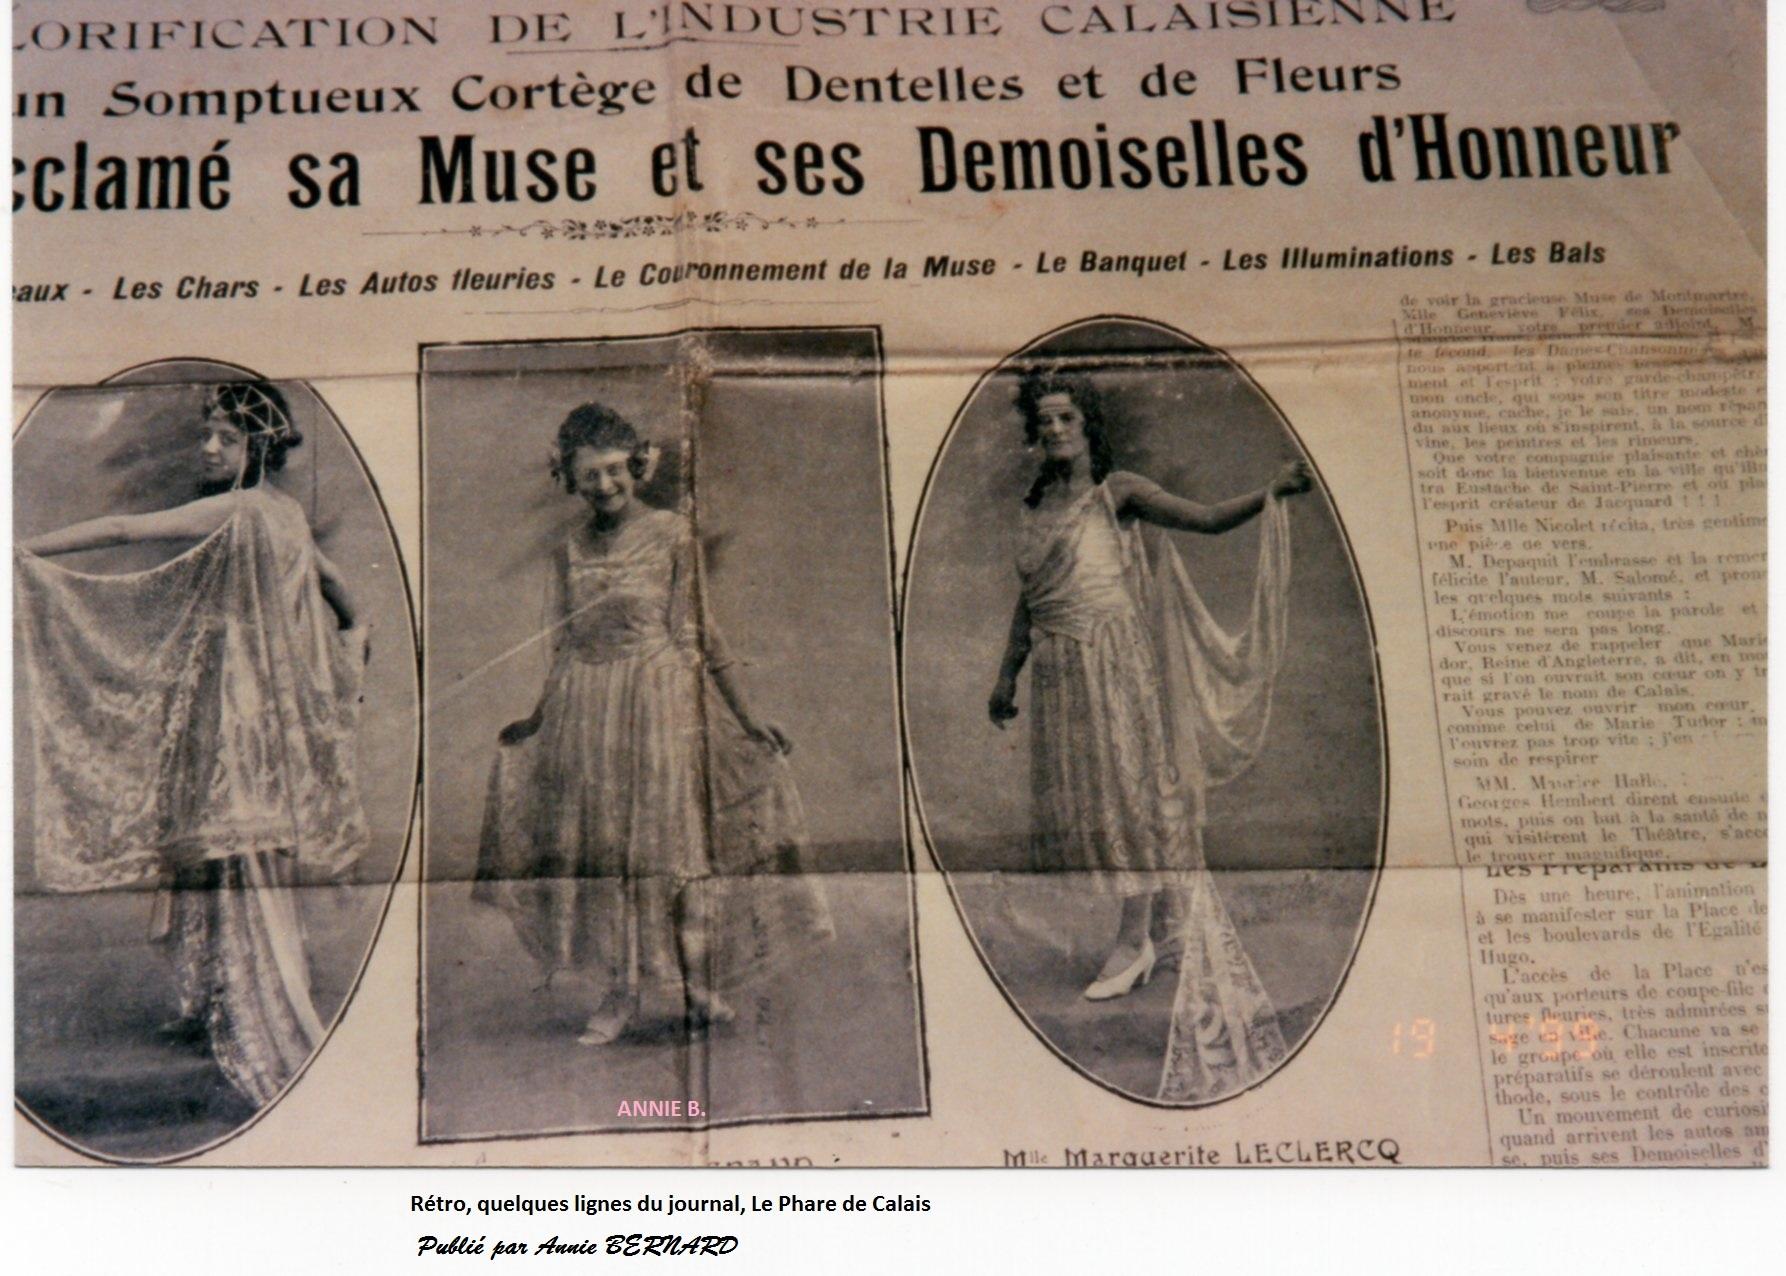 Extrait du Journal Le Phare de Calais au siècle dernier